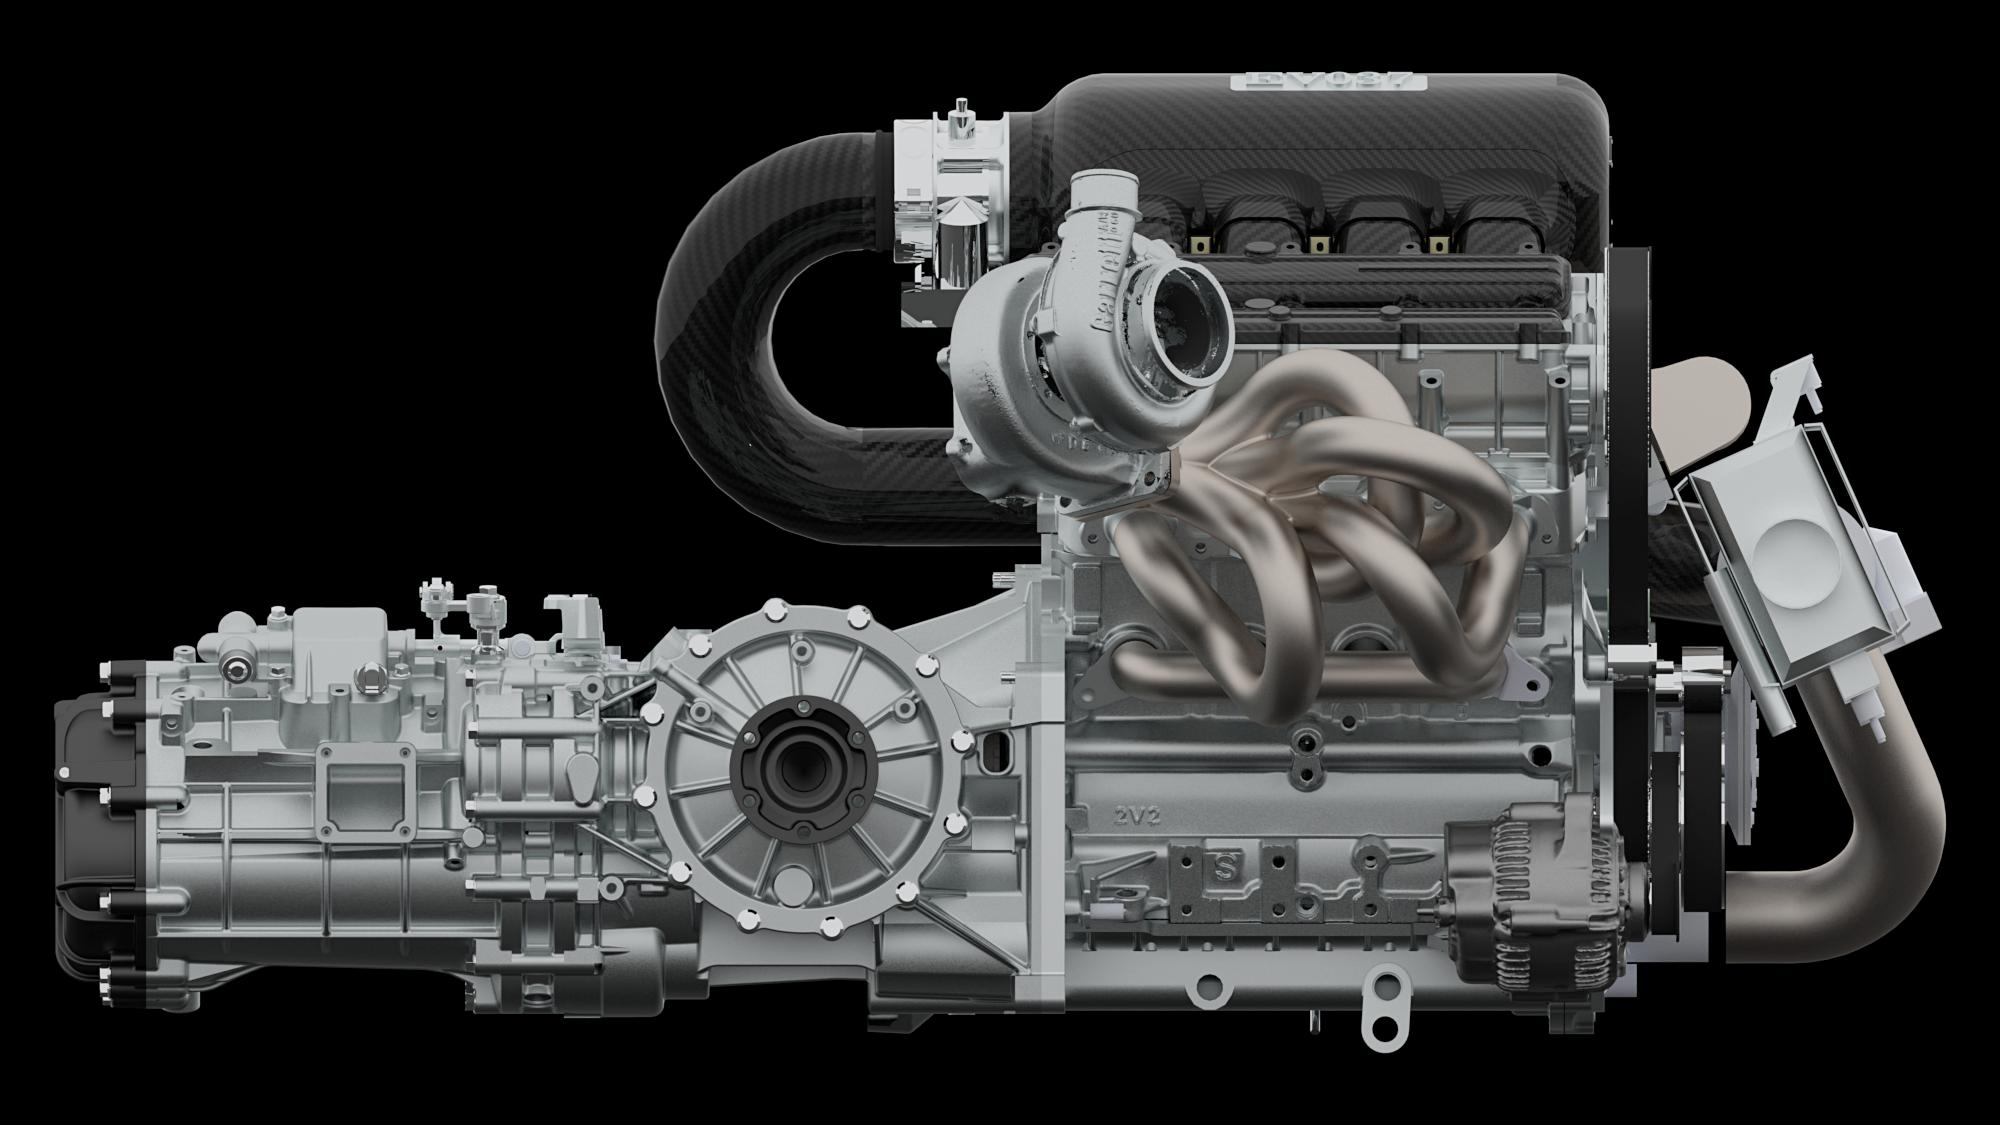 Легендарная Lancia 037 возродилась как Kimera EVO37: карбоновый кузов и 505 л.с.